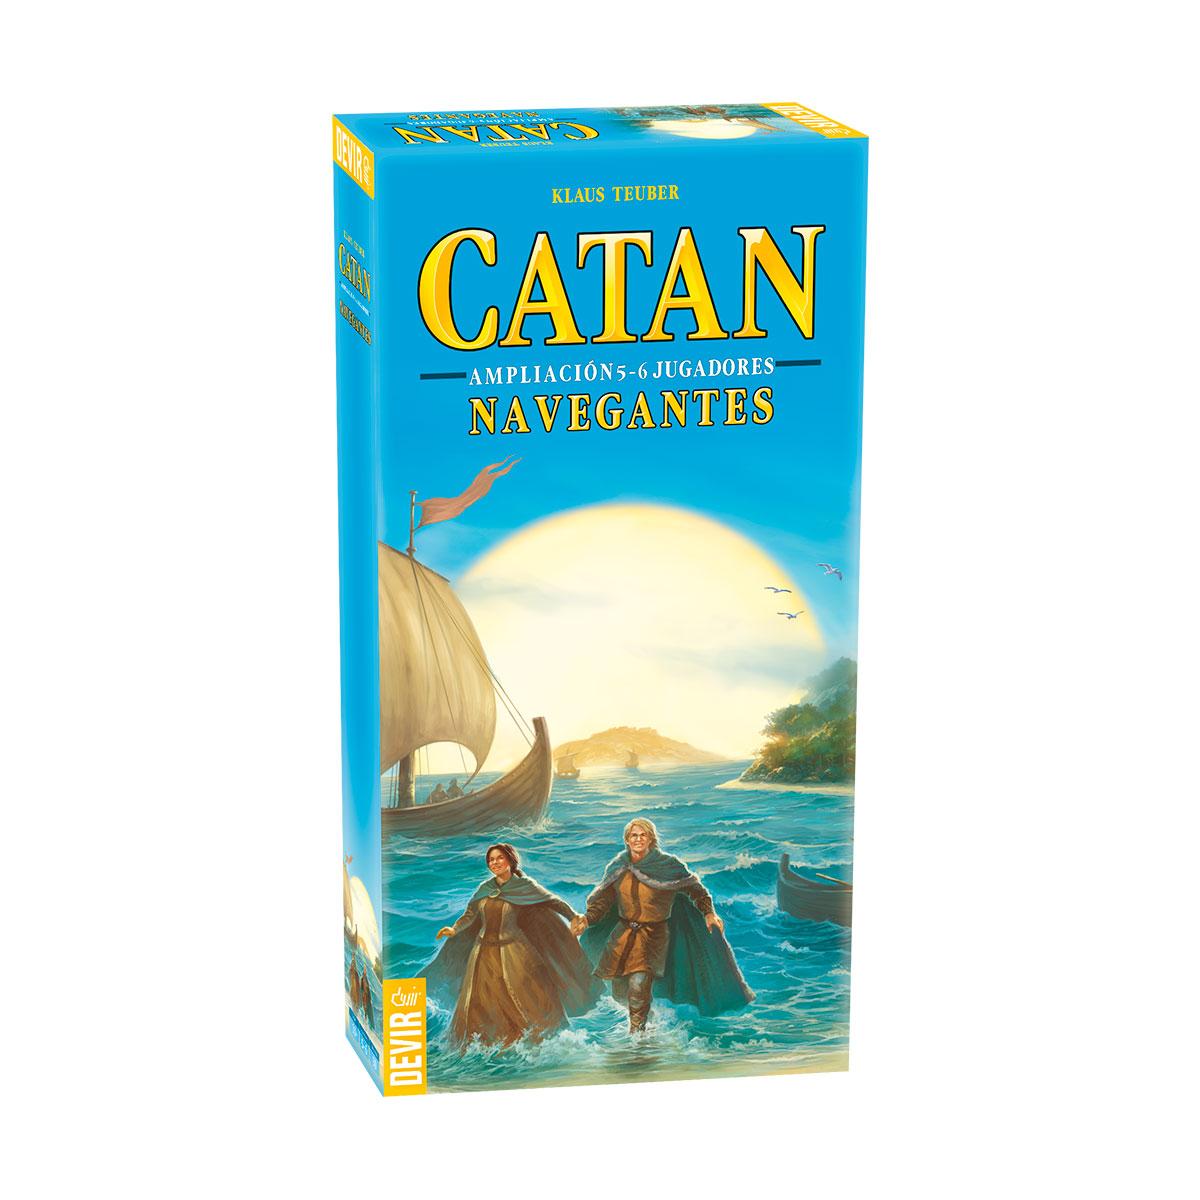 Ampliación 5-6 jug Navegantes de Catan